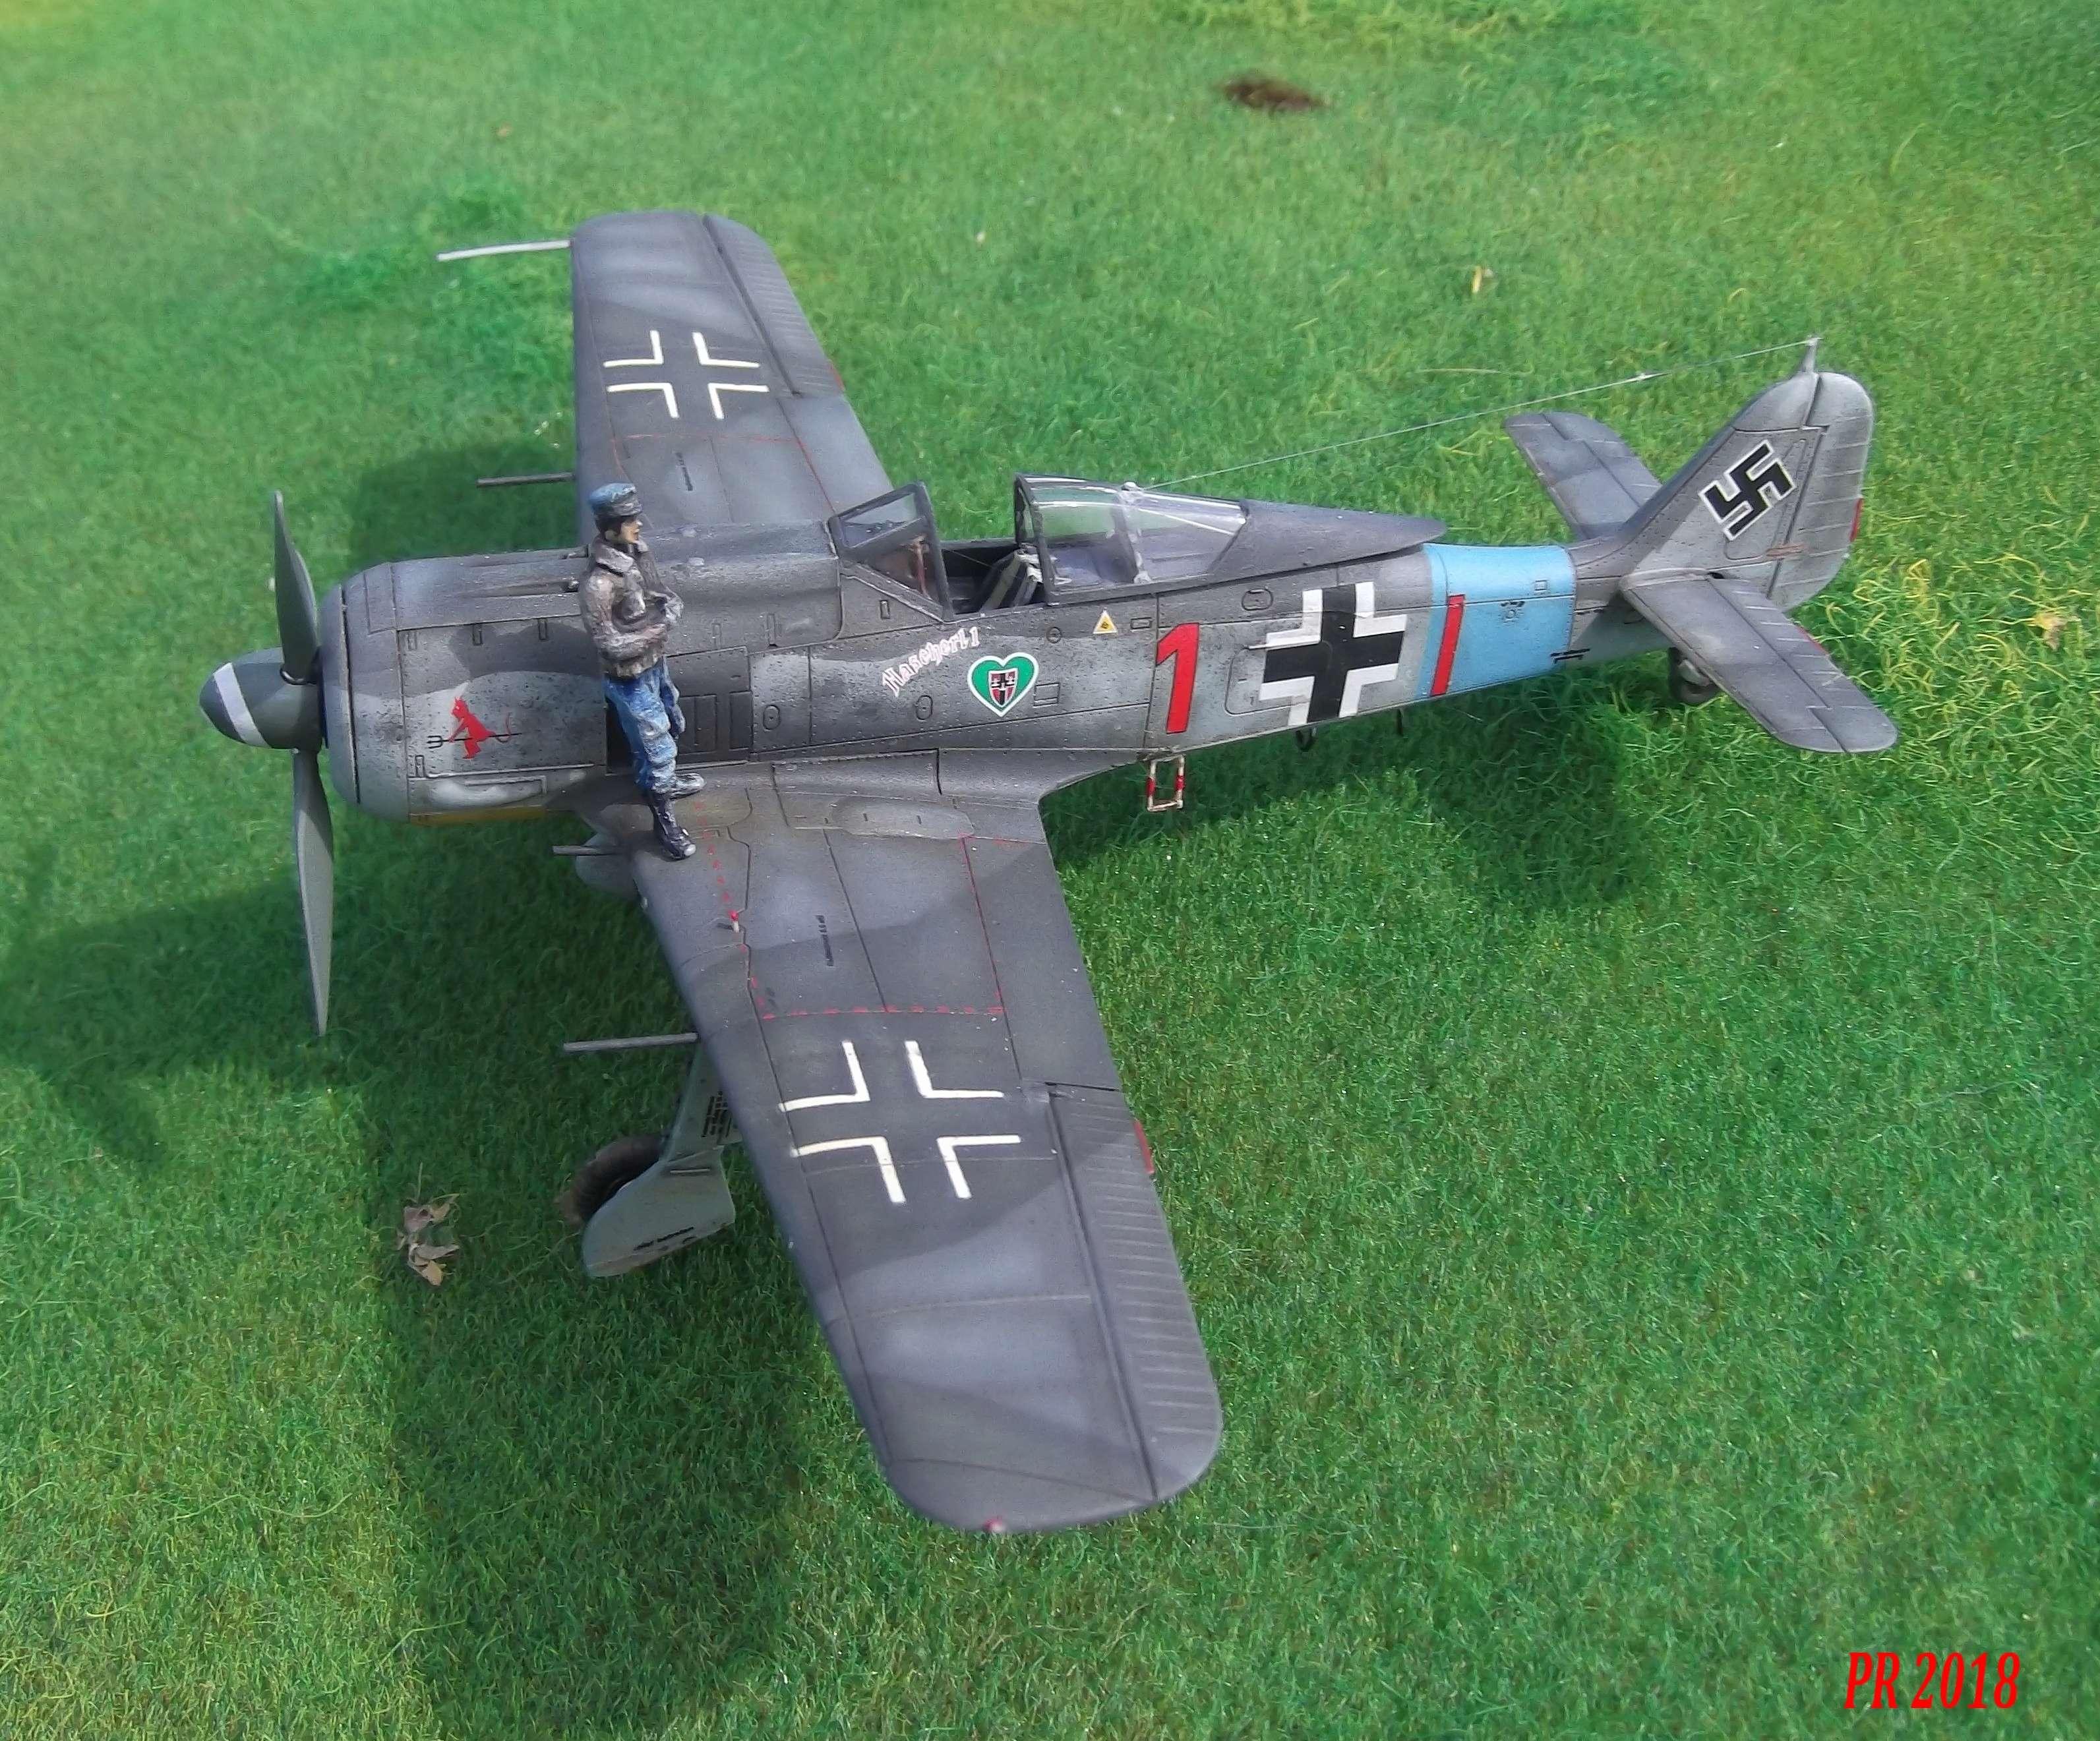 FW190 A8 maquette Eduard 1/72 Aa0210